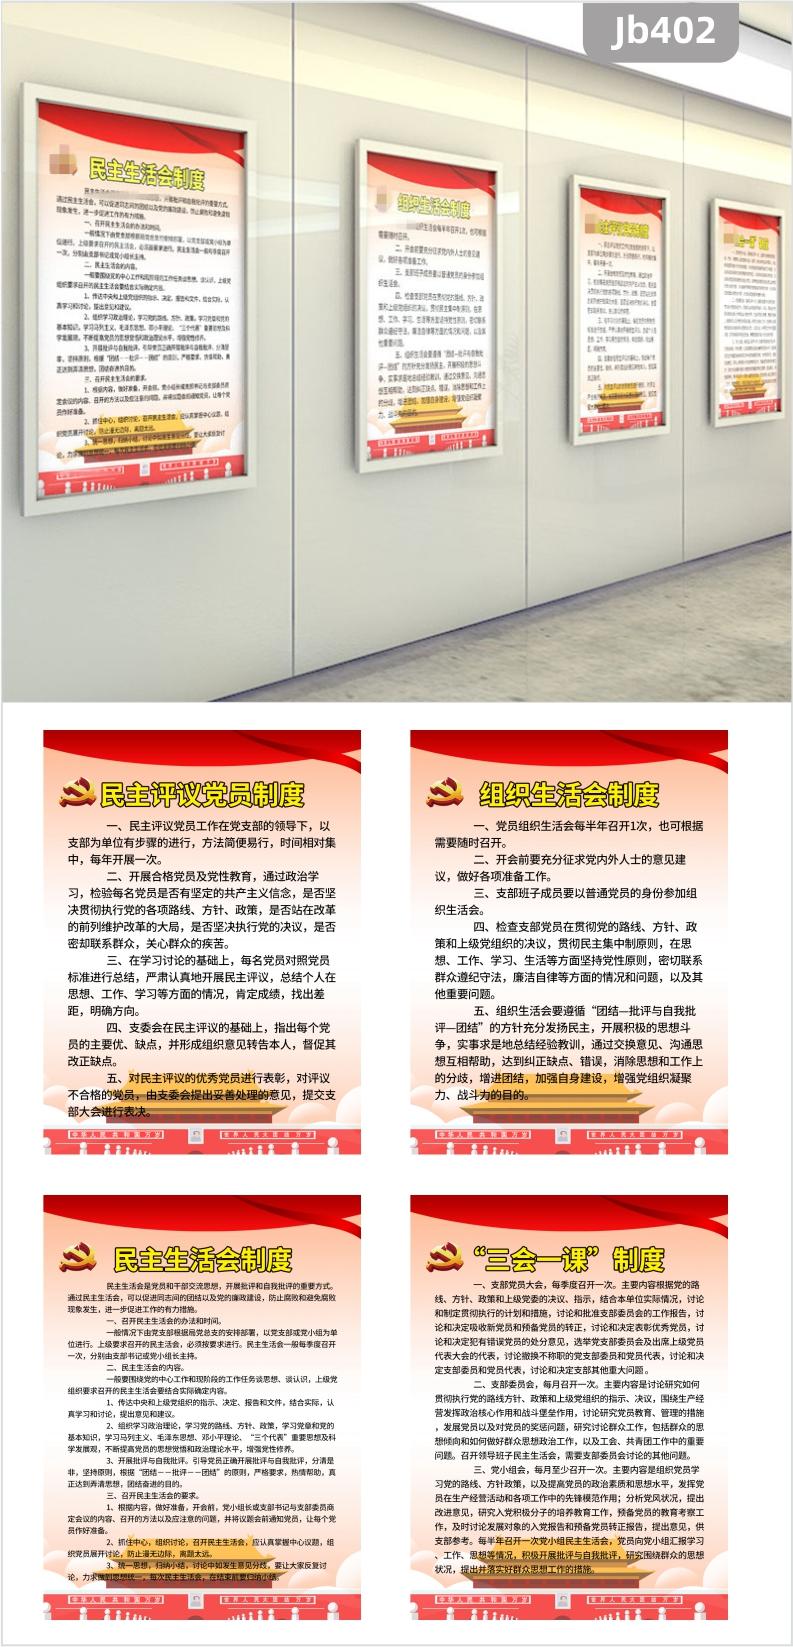 党建海报印制展板写真喷绘社区居委会制度牌民主管理制度展板挂画